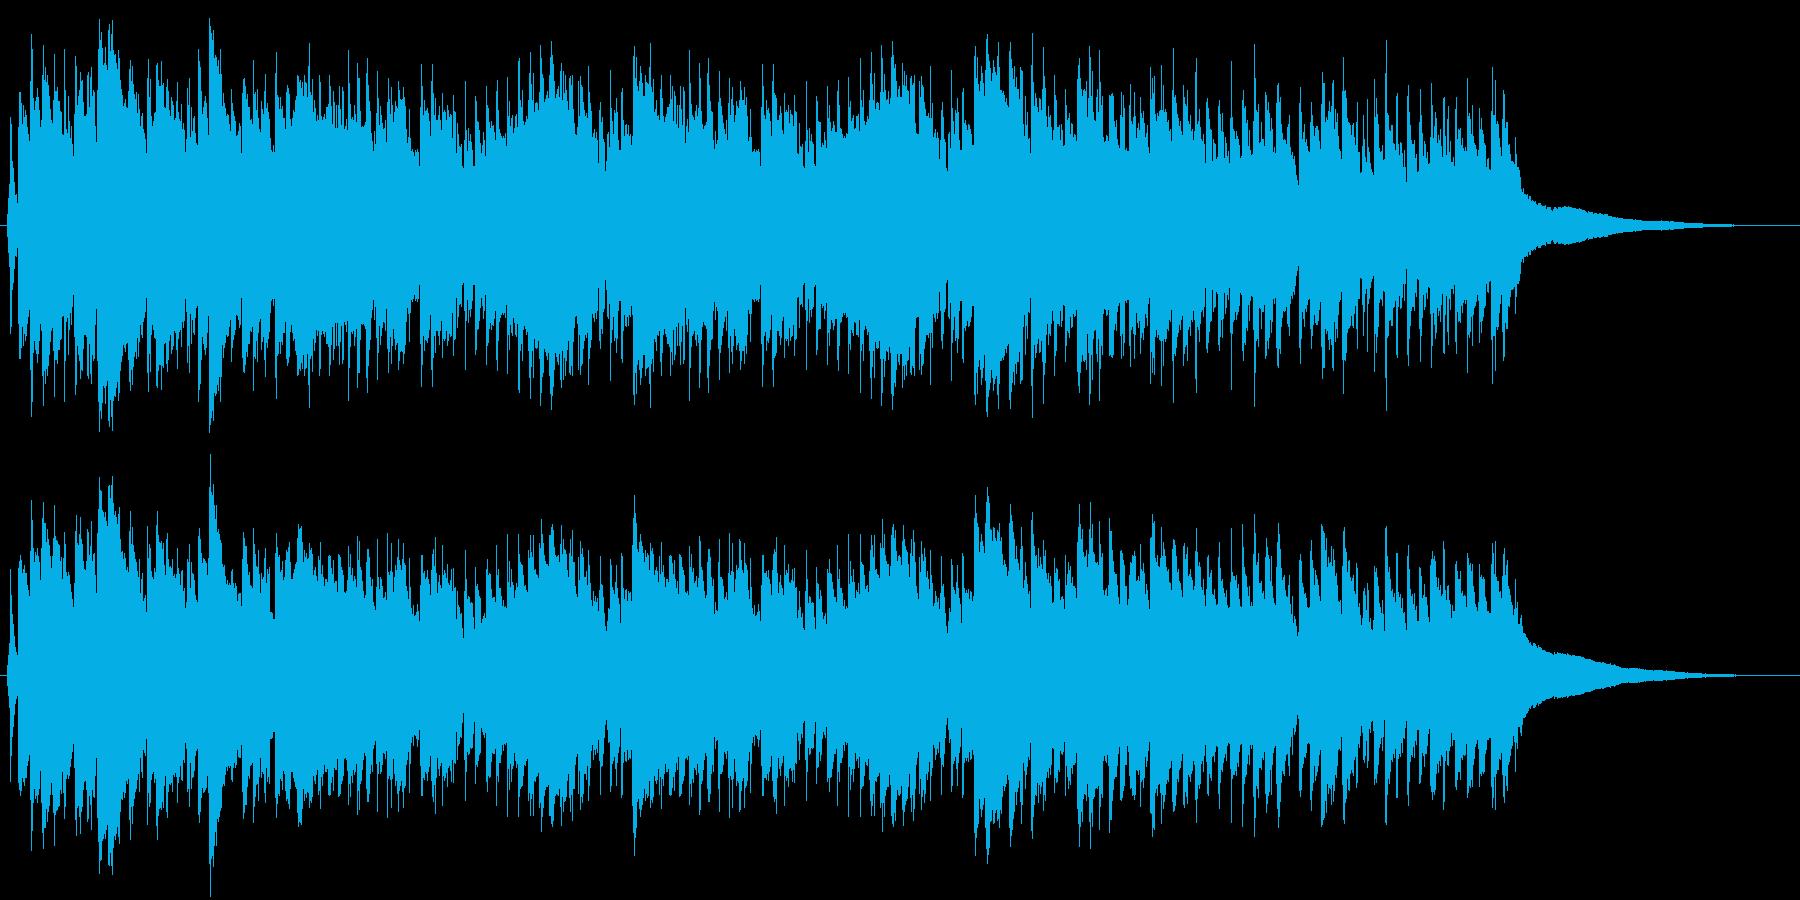 レトロな目覚まし時計のベル(ジリリリ)Bの再生済みの波形